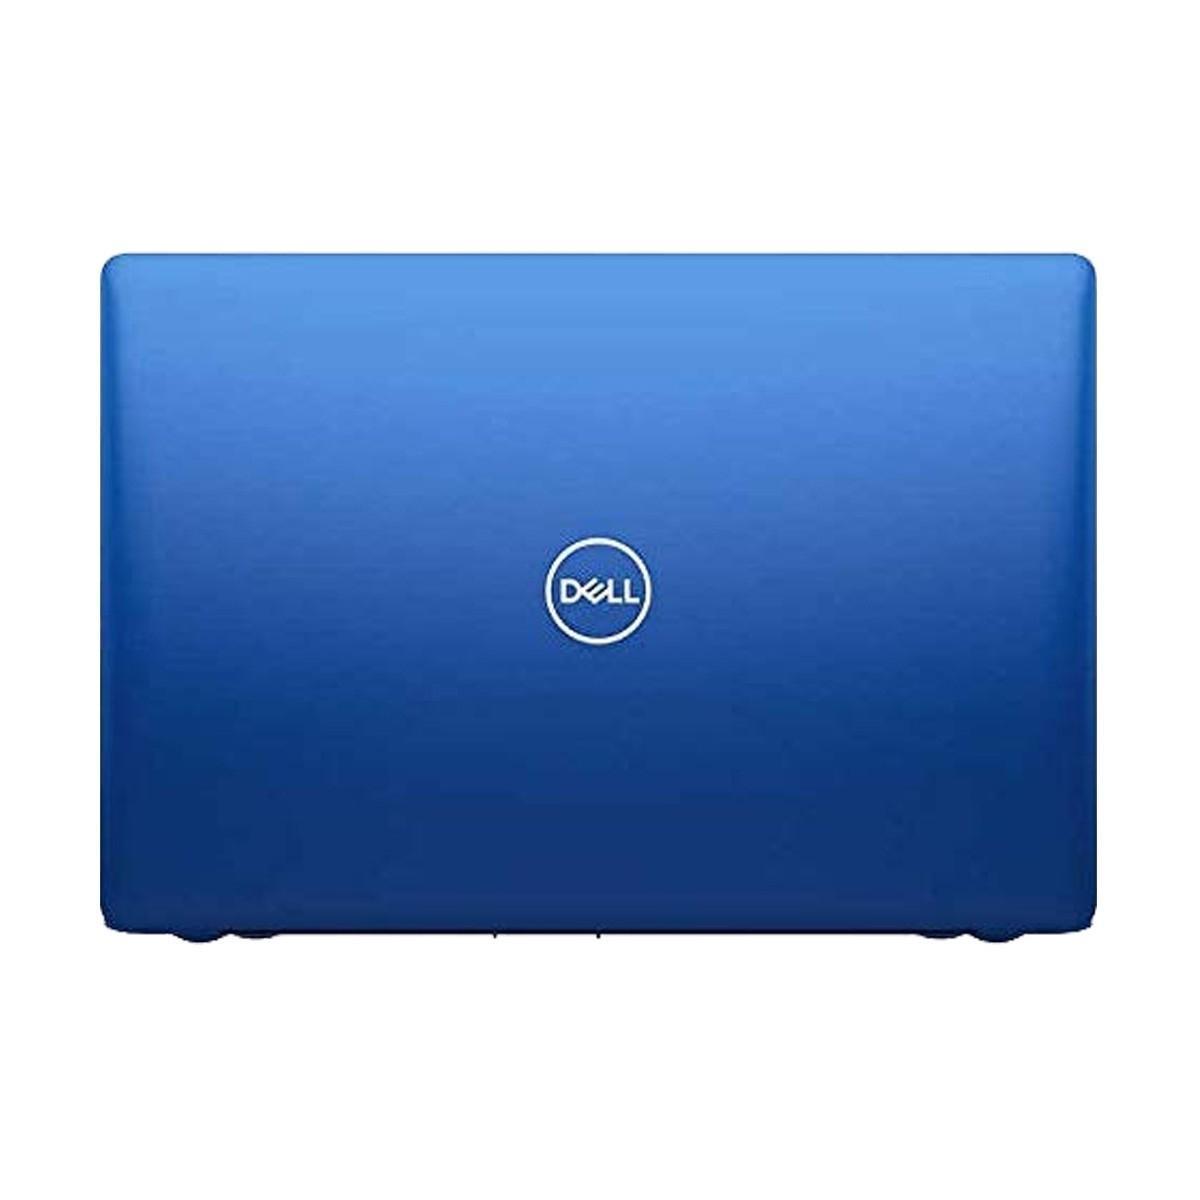 Dell Inspiron 3593 15.6-inch (2019) - Core i5-1035G1 - 12 GB - SSD 512 GB